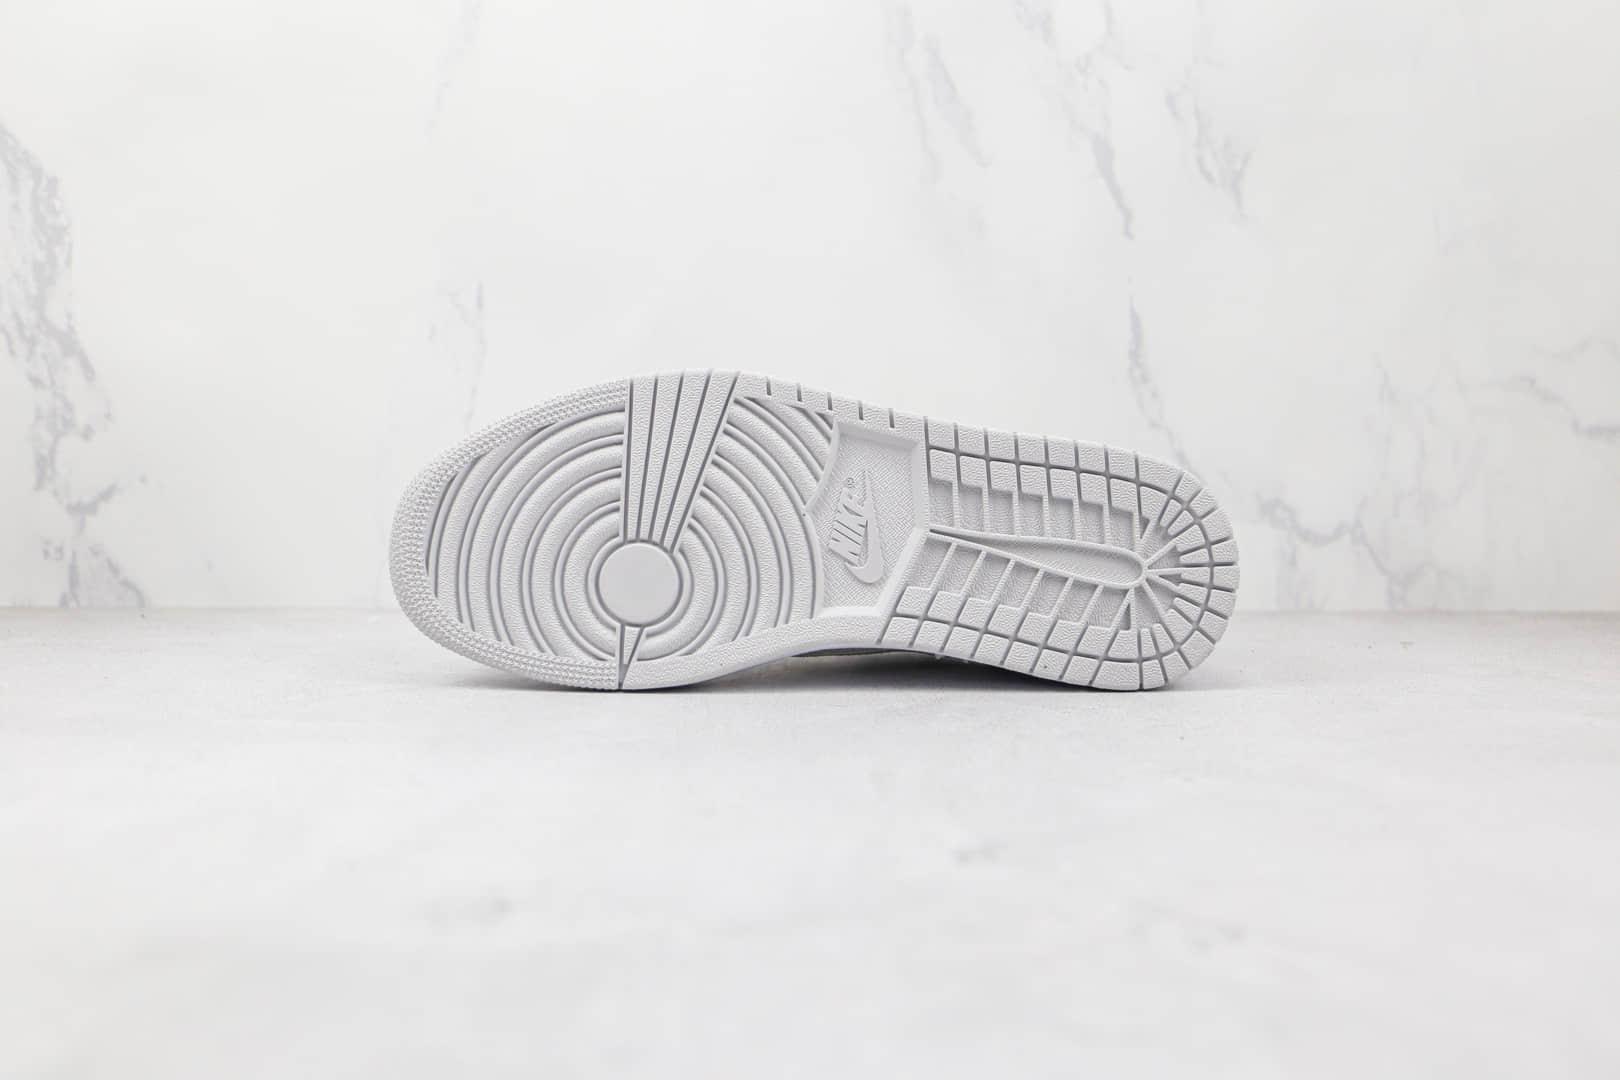 乔丹Air Jordan 1 Low OG 85 Neutral Grey纯原版本低帮AJ1白灰色板鞋原盒原标 货号:CZ0775-100